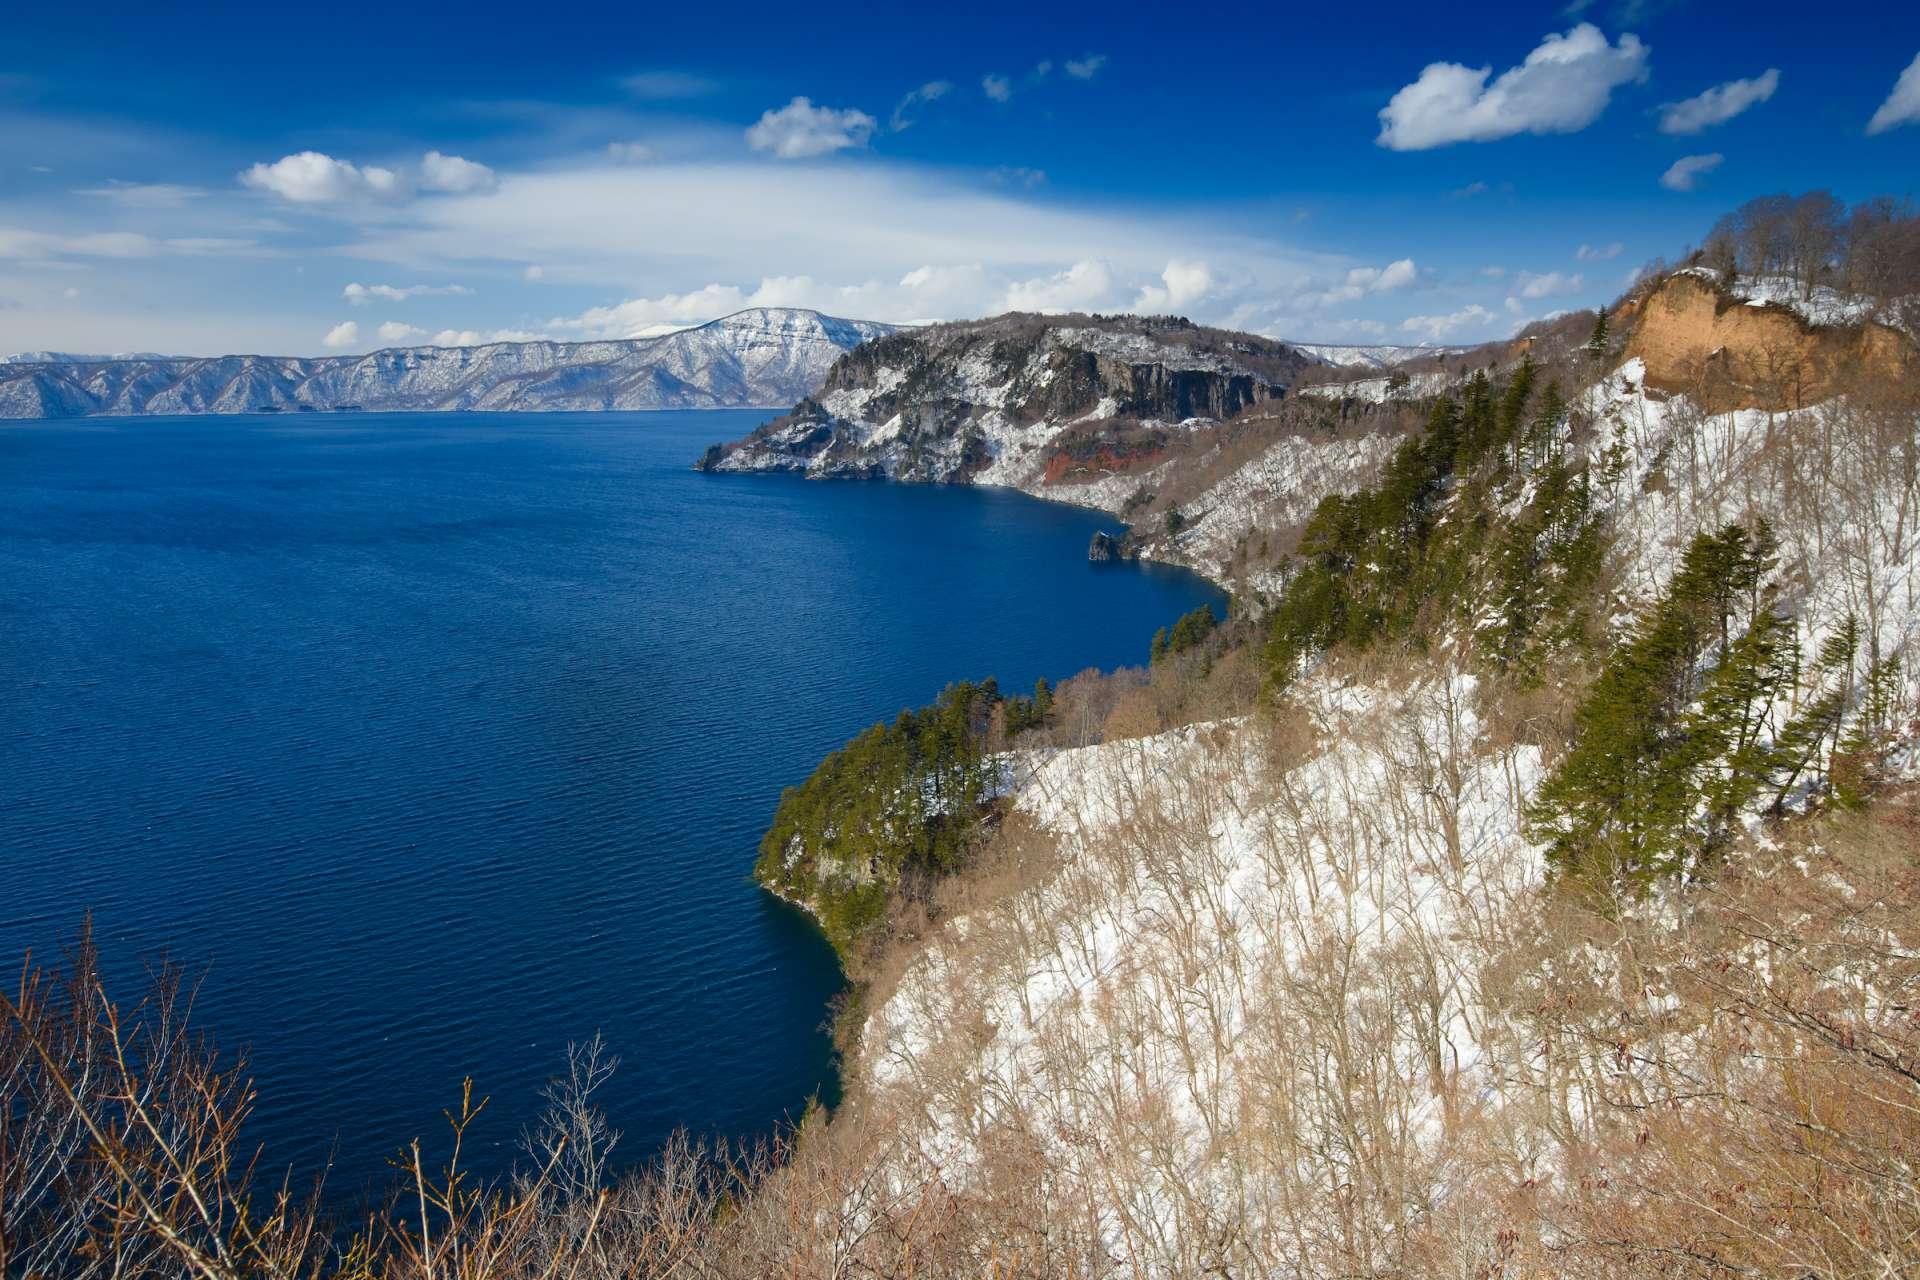 日本东北地区代表性的观光景点:十和田湖